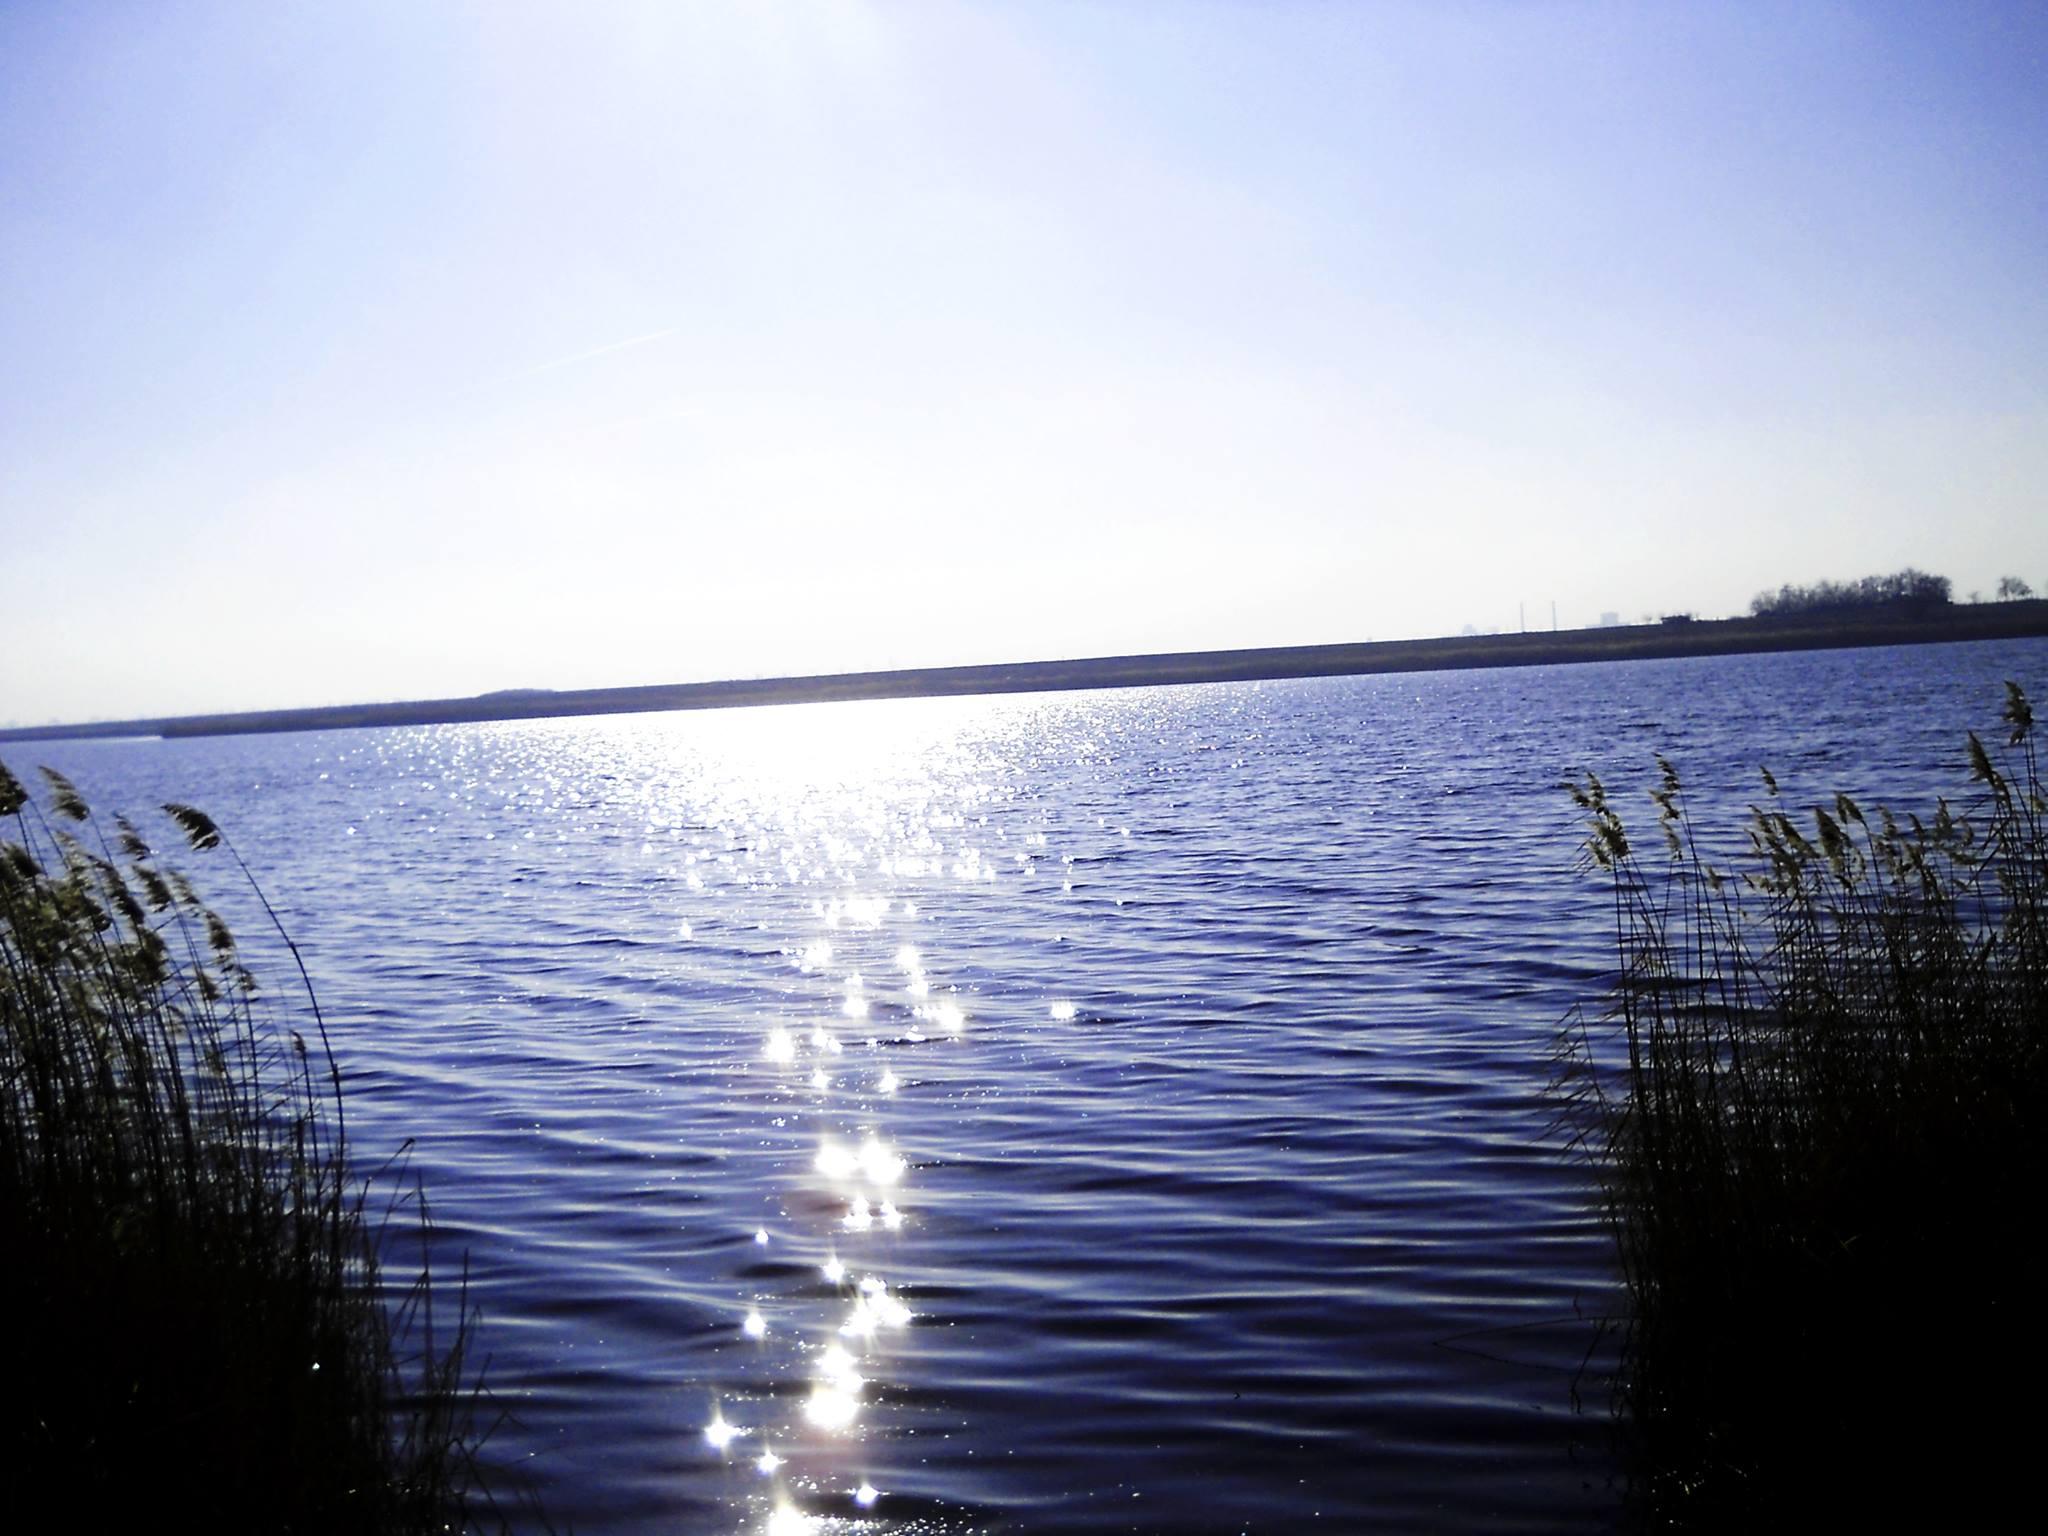 """""""Turist în țara mea"""": """"Ingredientul secret cu puteri tămăduitoare"""" din apa Lacului Amara. Savantul Petru Poni l-a descoperit"""